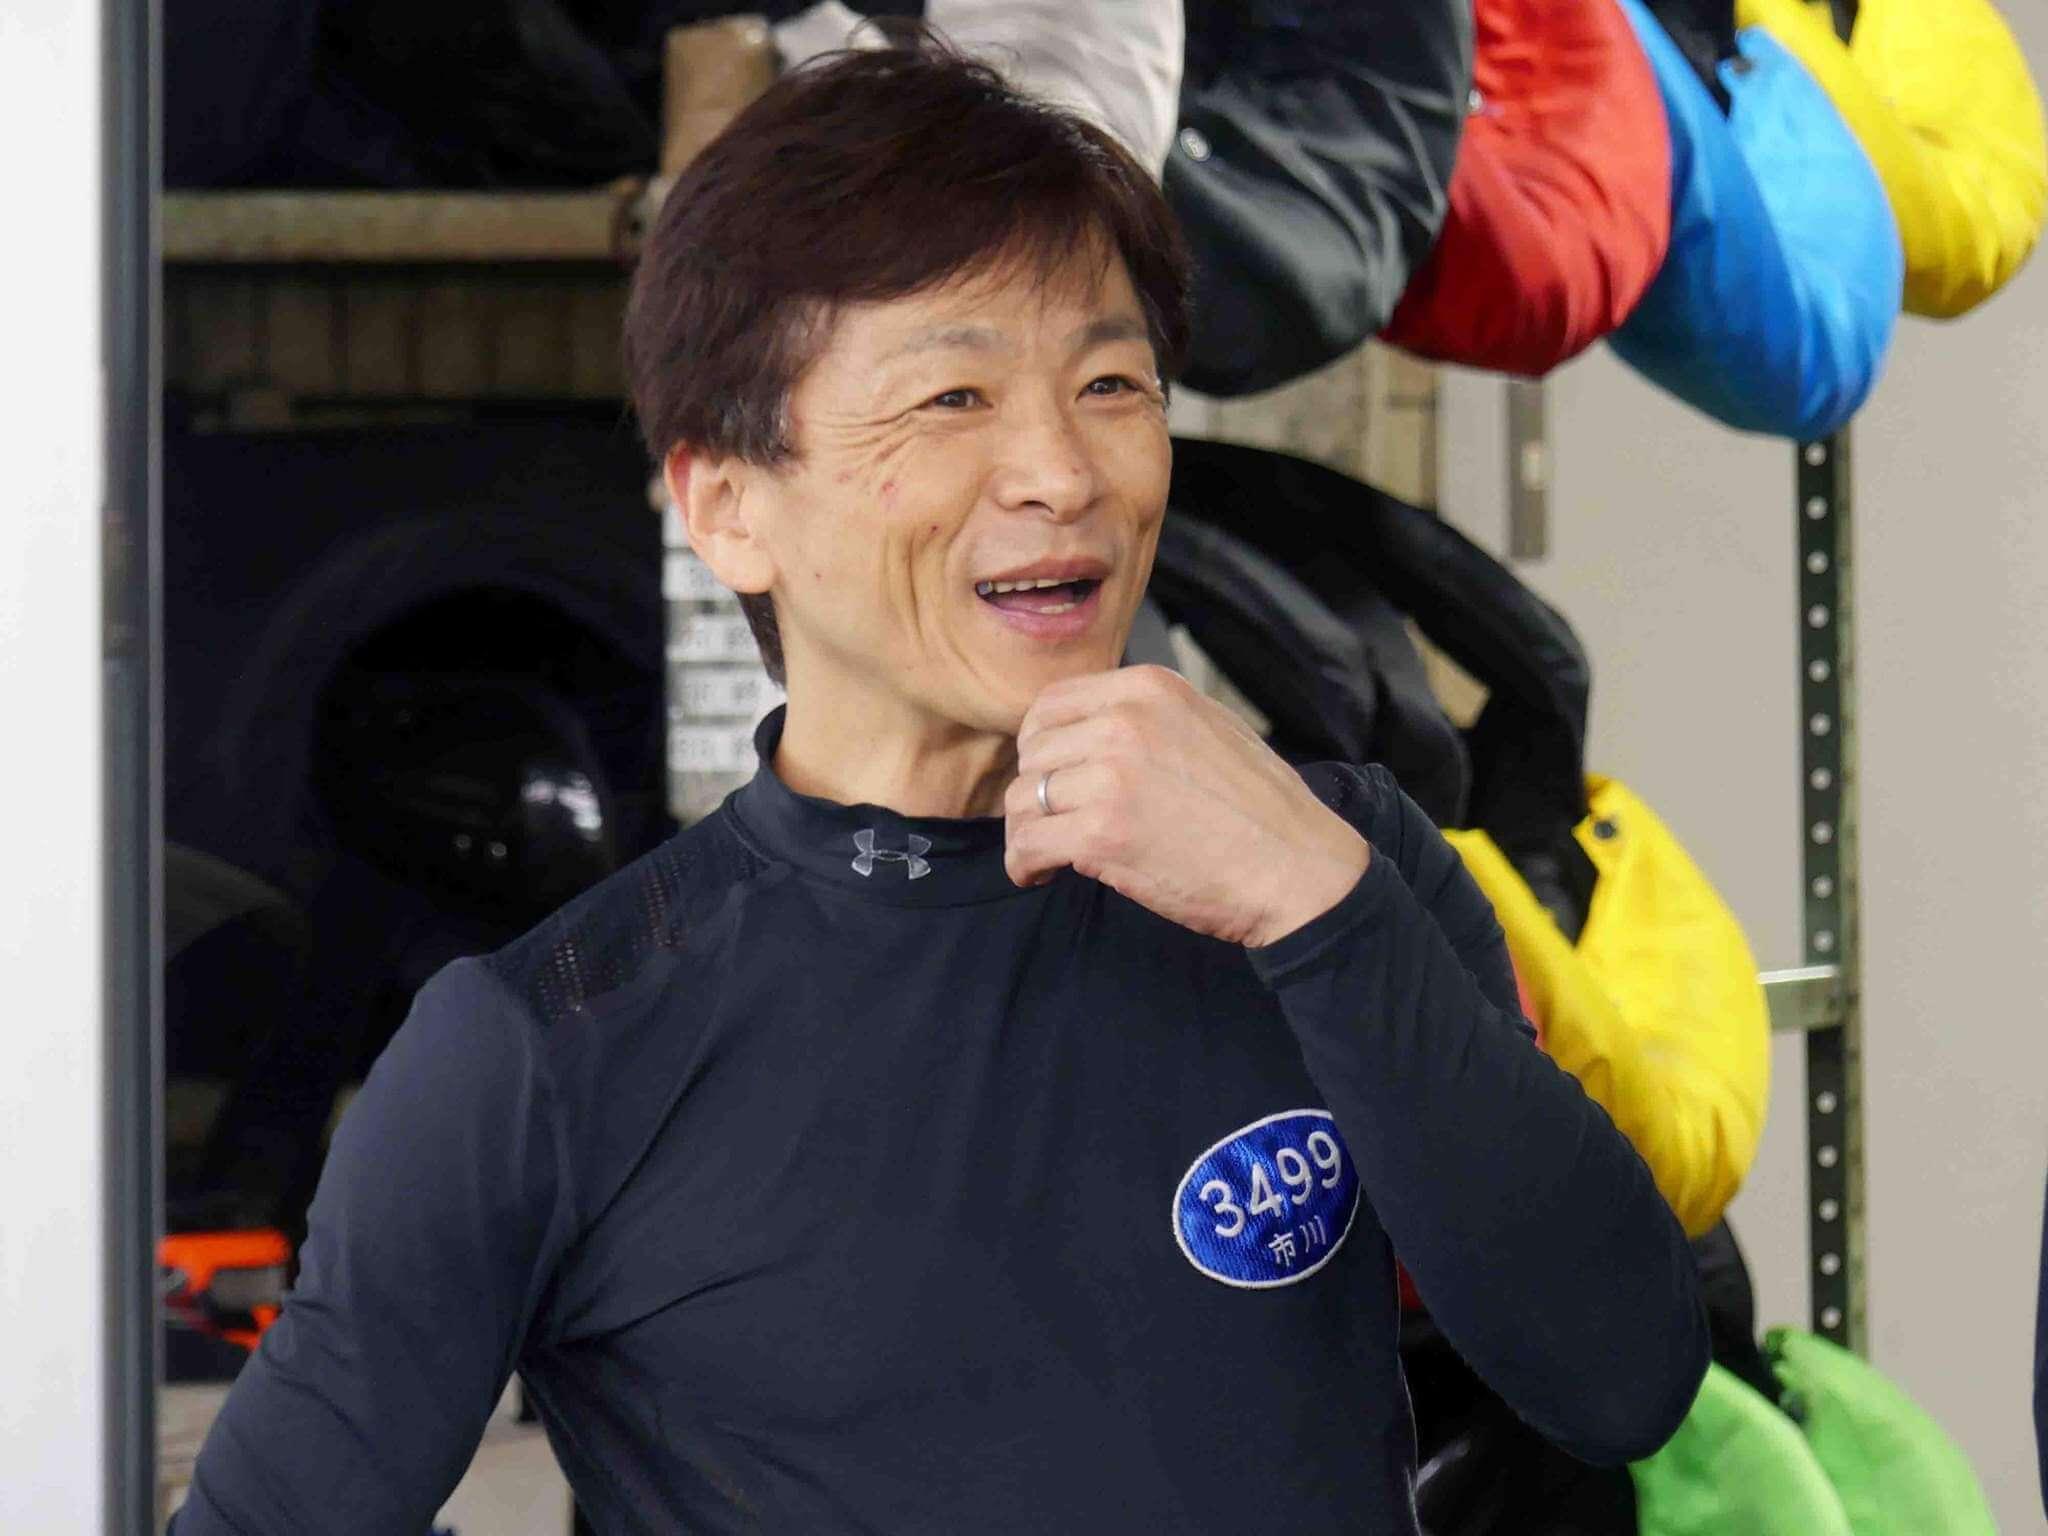 ボートピア名古屋開設15周年記念競走2021(常滑競艇)2